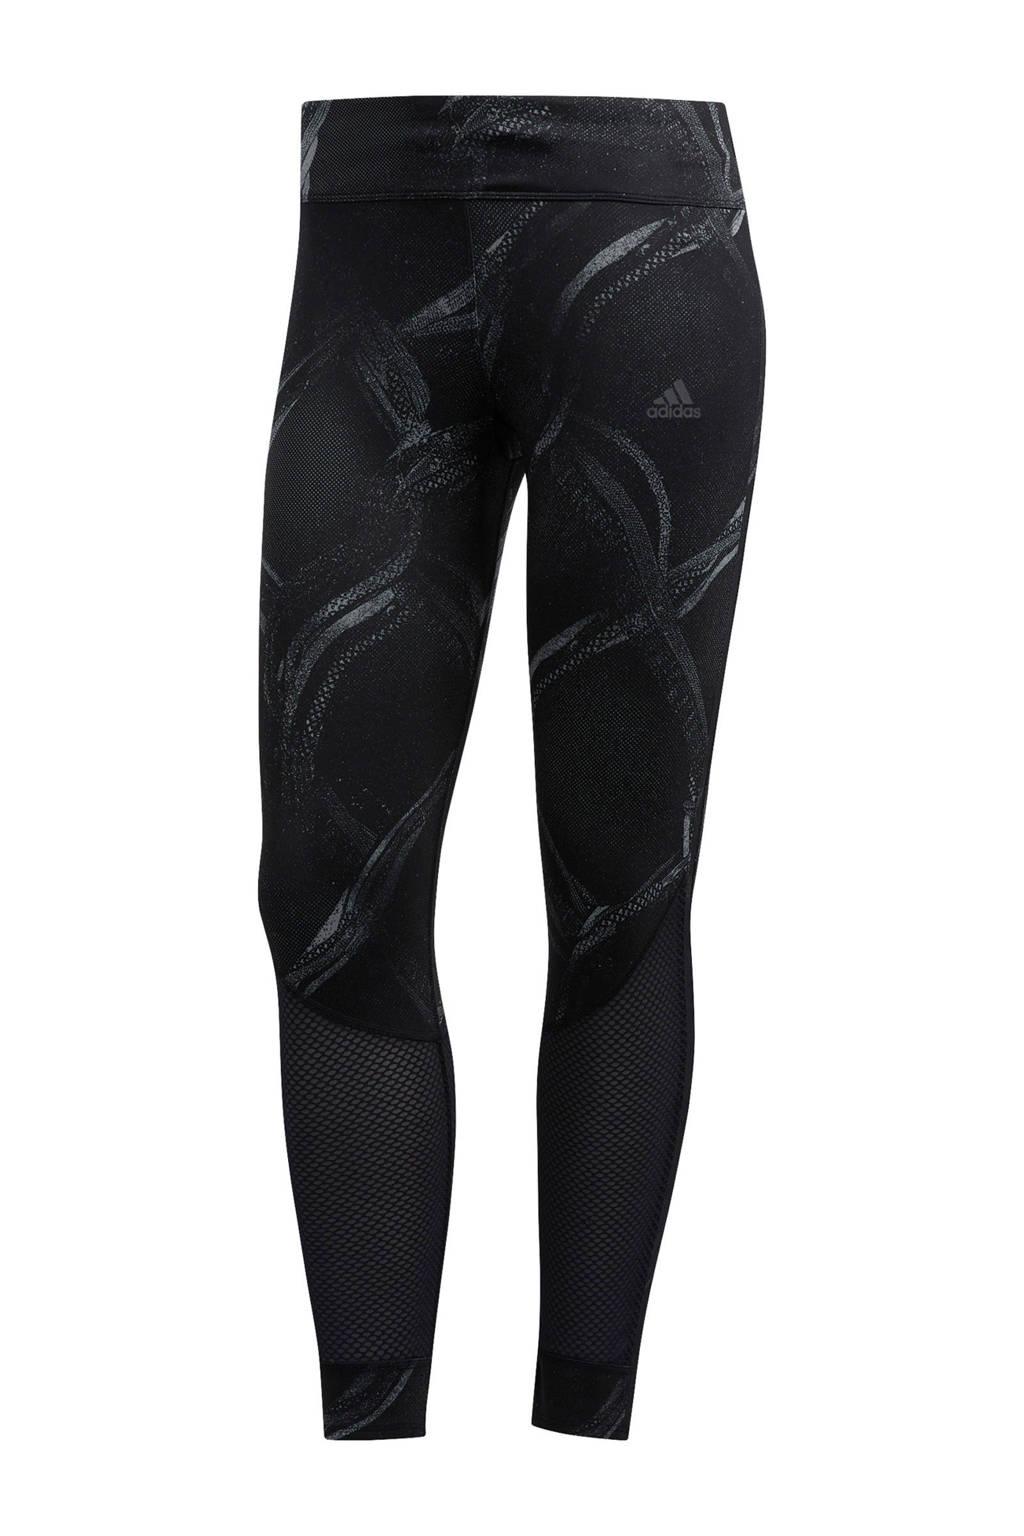 adidas Performance hardloopbroek grijs/zwart, Grijs/zwart